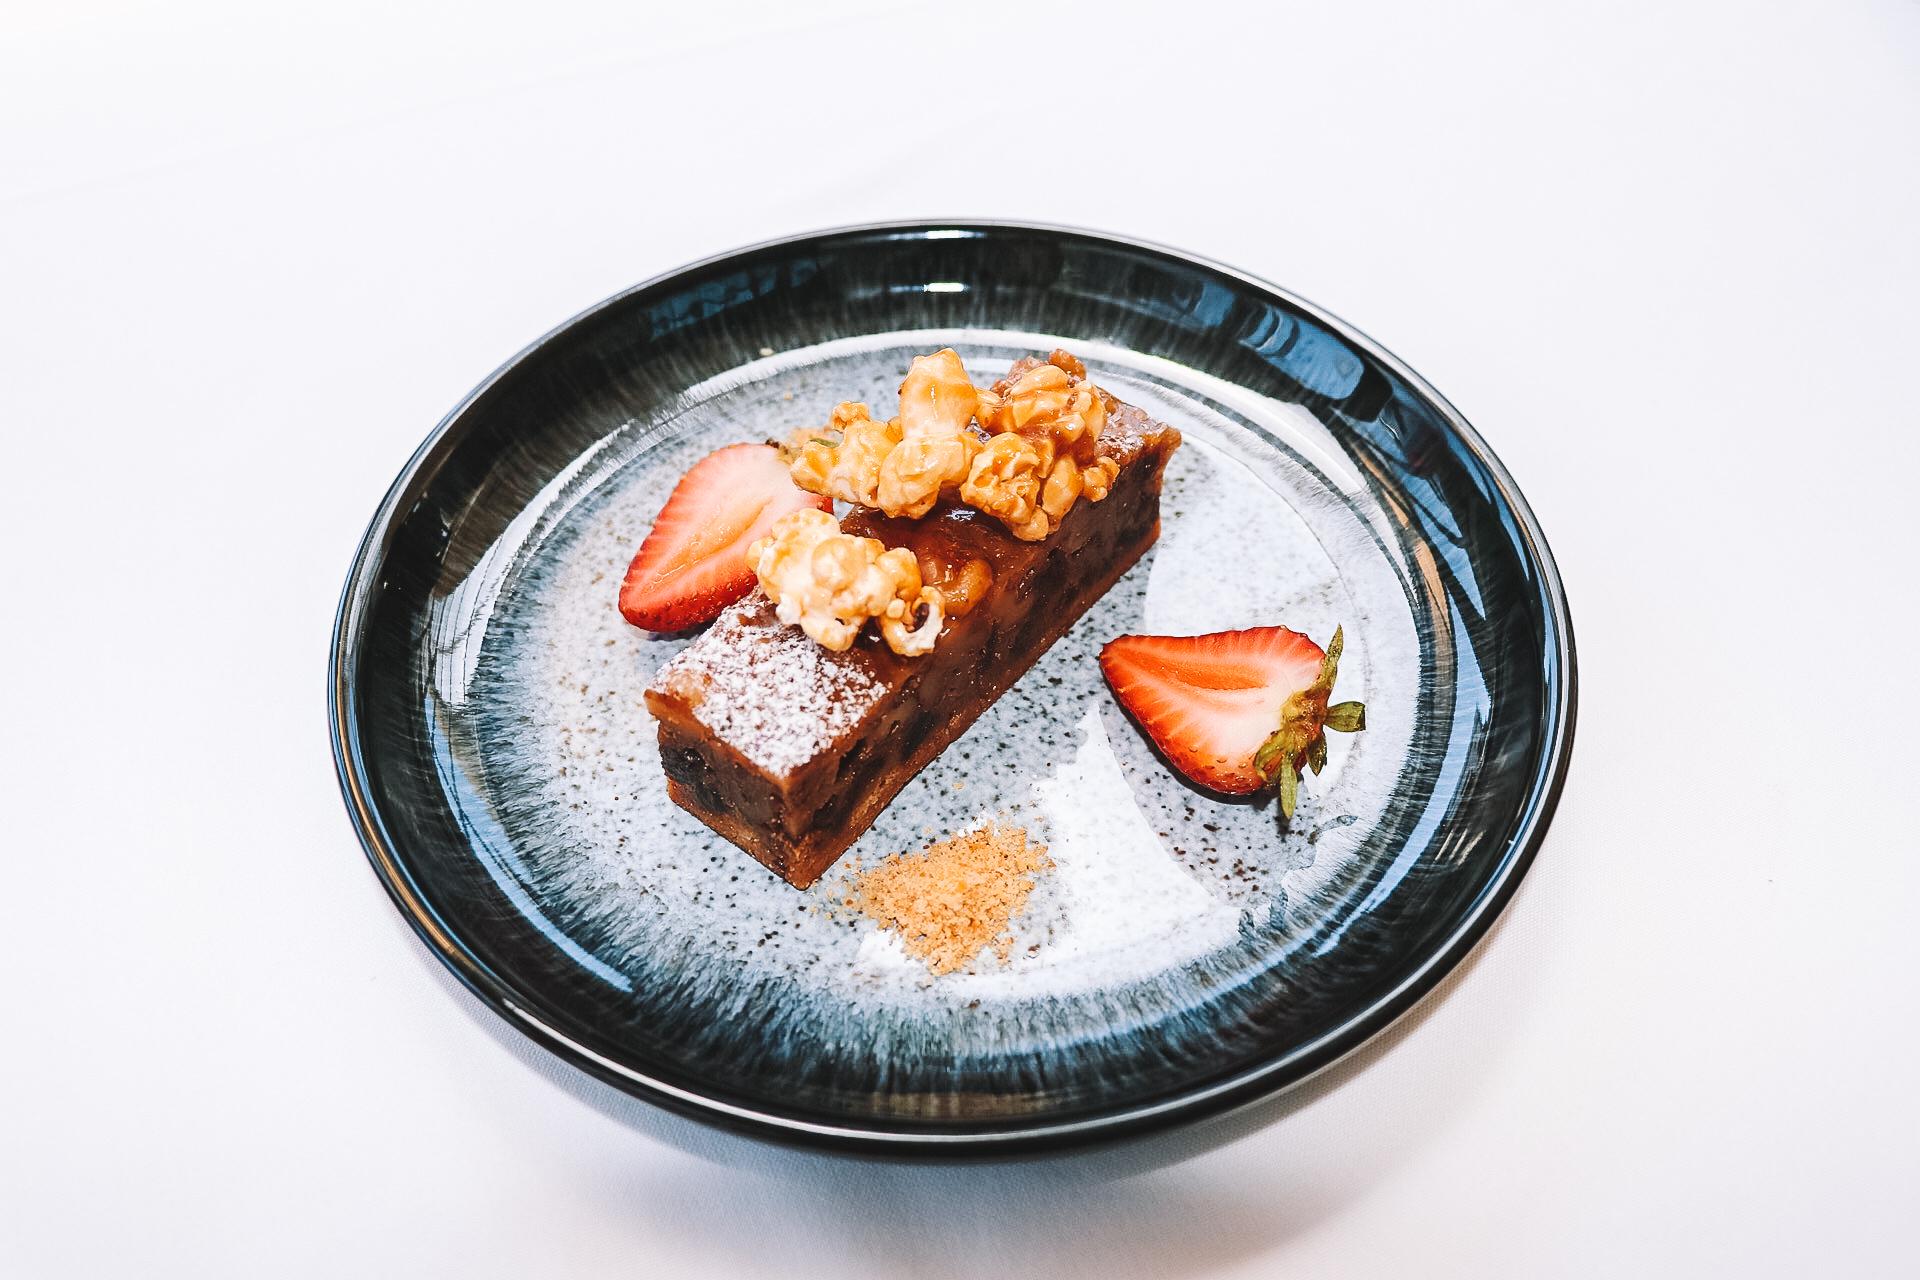 Walnut and date slice